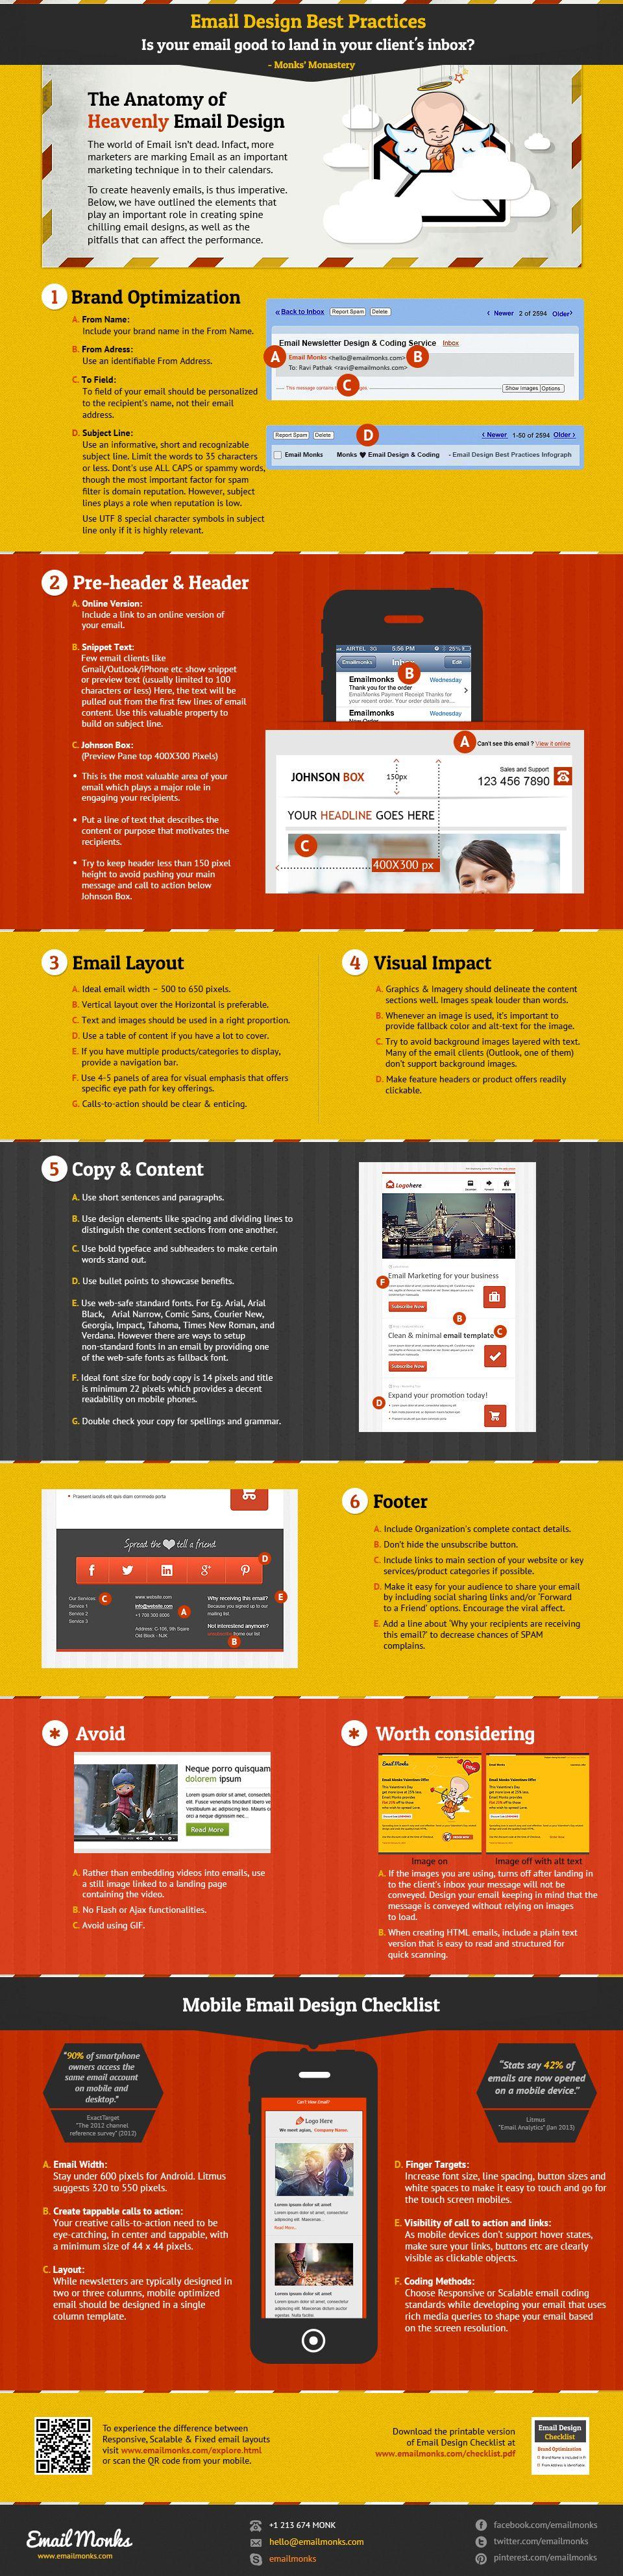 Hoe een perfecte nieuwsbrief te ontwerpen - #infographic